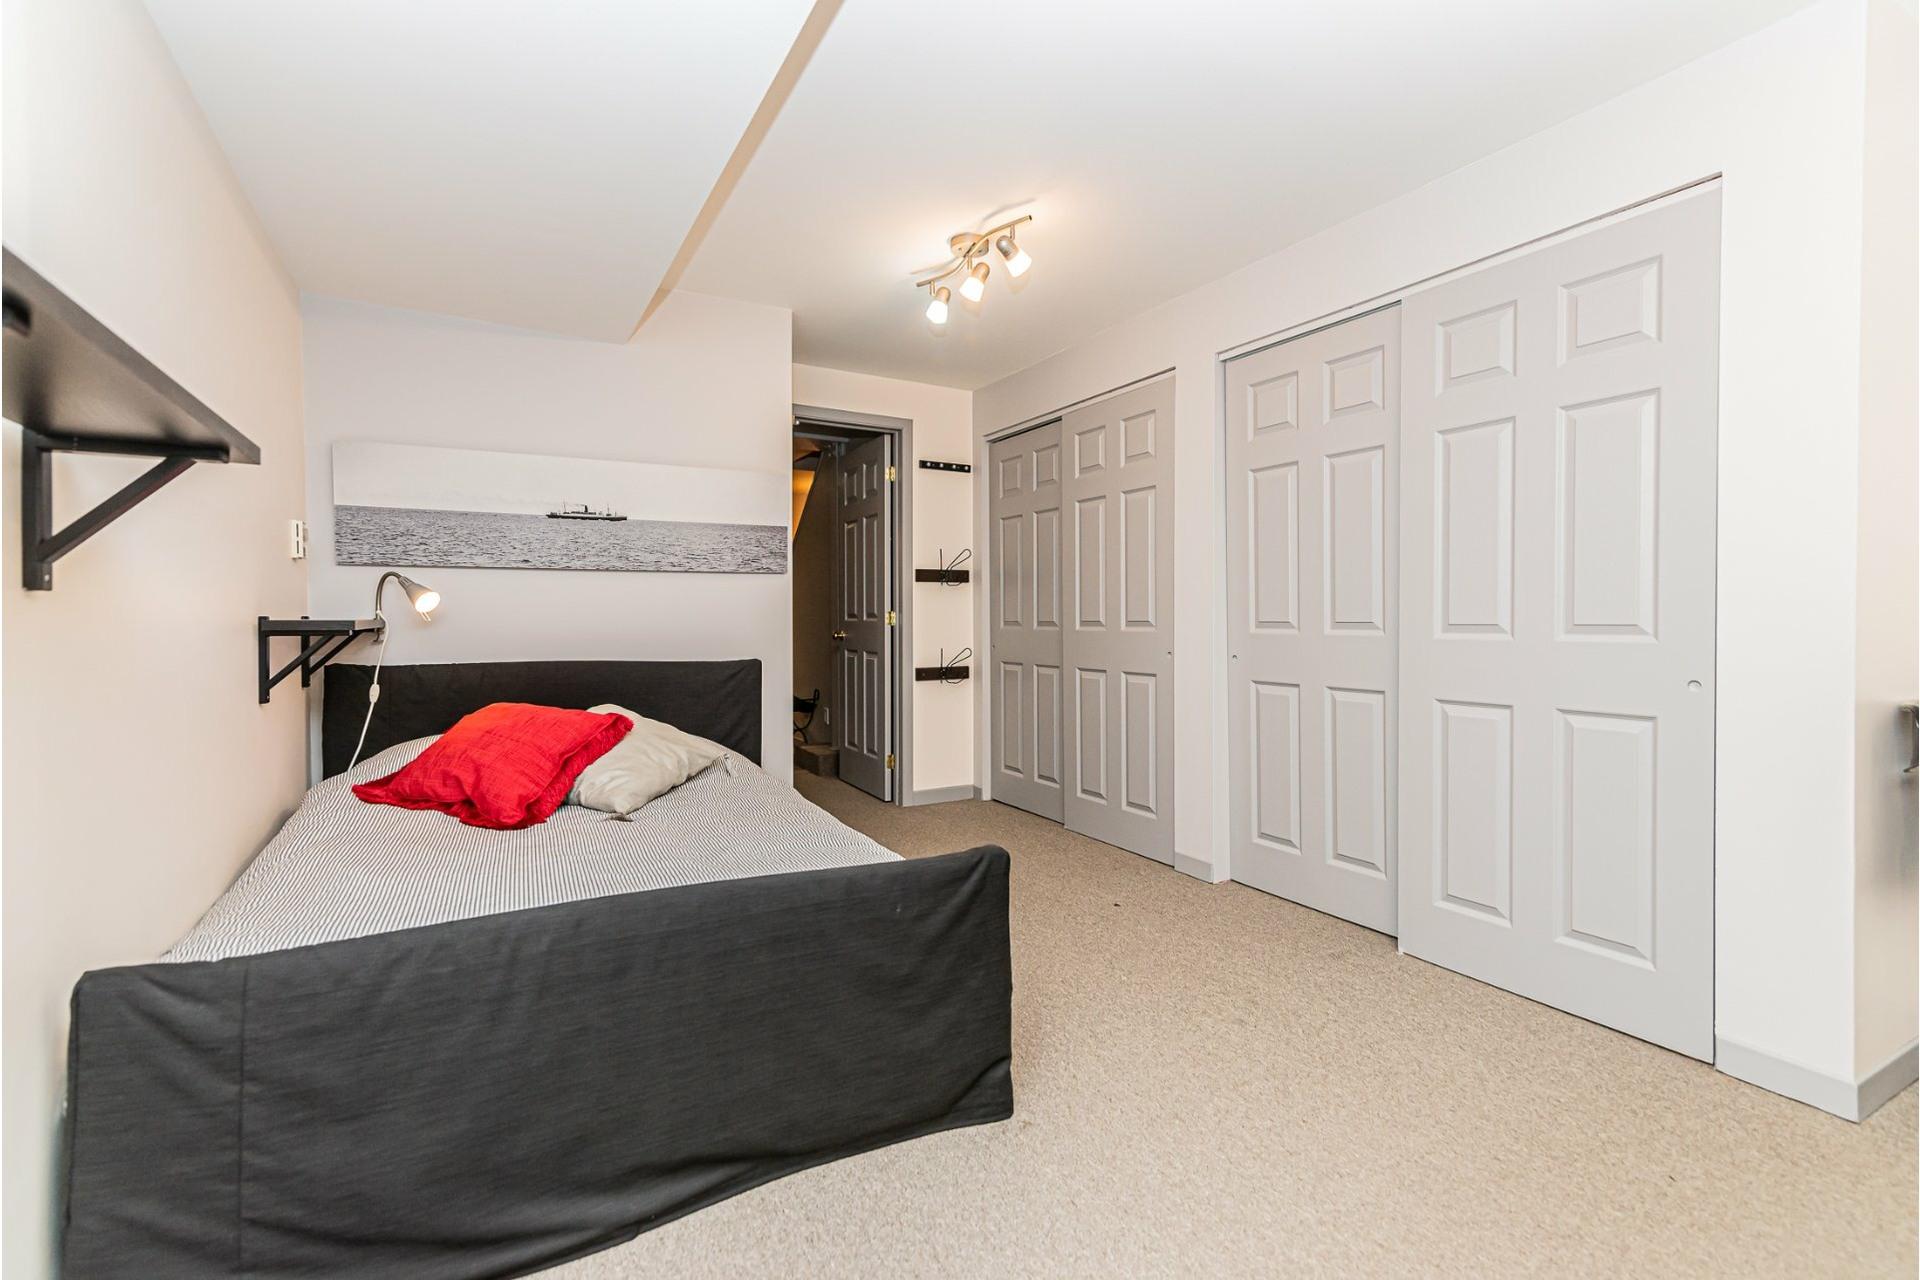 image 27 - House For rent Côte-des-Neiges/Notre-Dame-de-Grâce Montréal  - 9 rooms